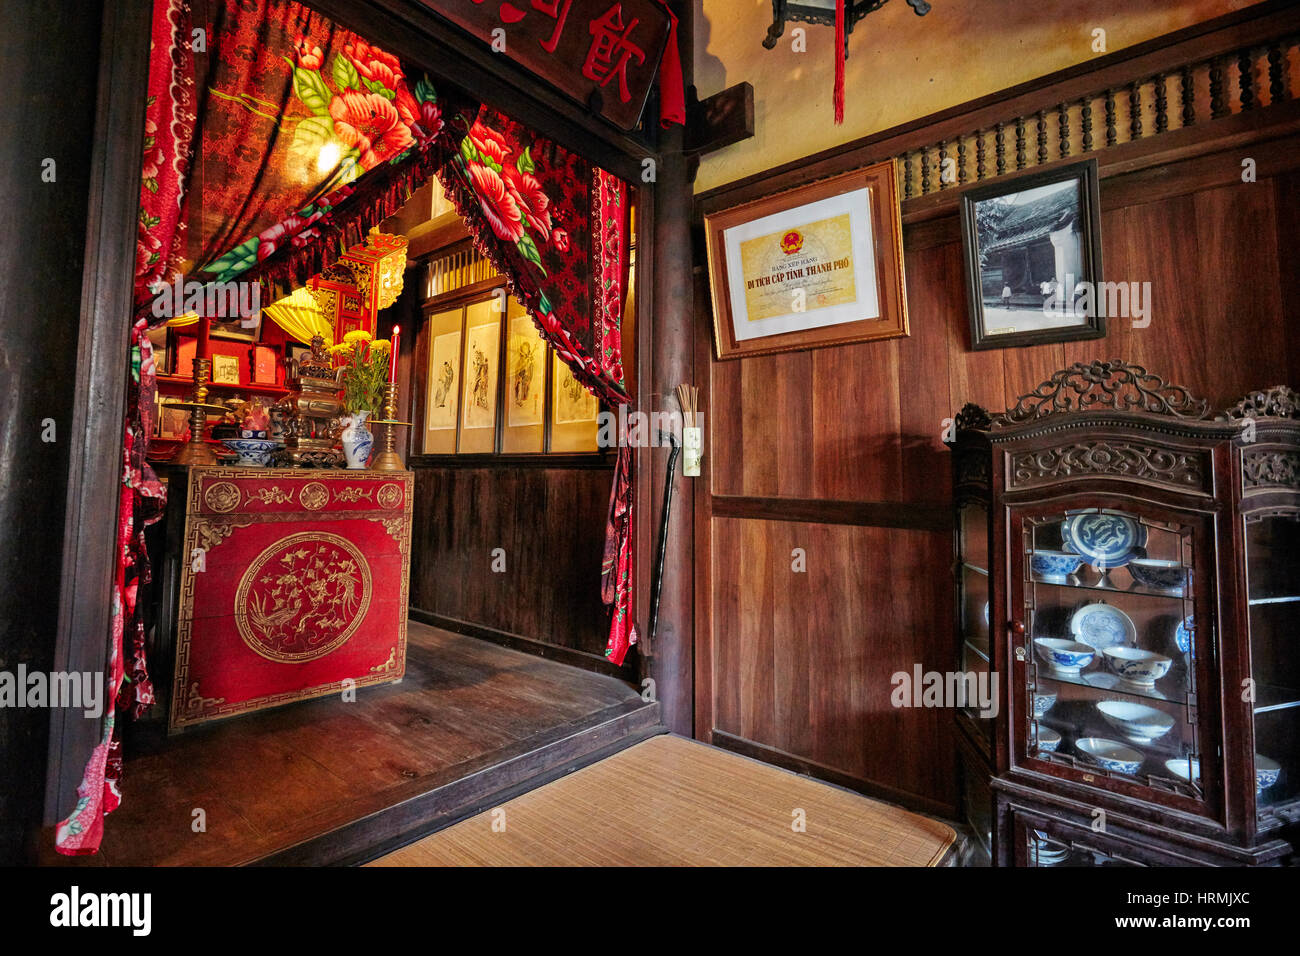 Vorfahr Altar in das alte Haus von Duc Jg. Hoi an Altstadt, Provinz Quang Nam, Vietnam. Stockbild